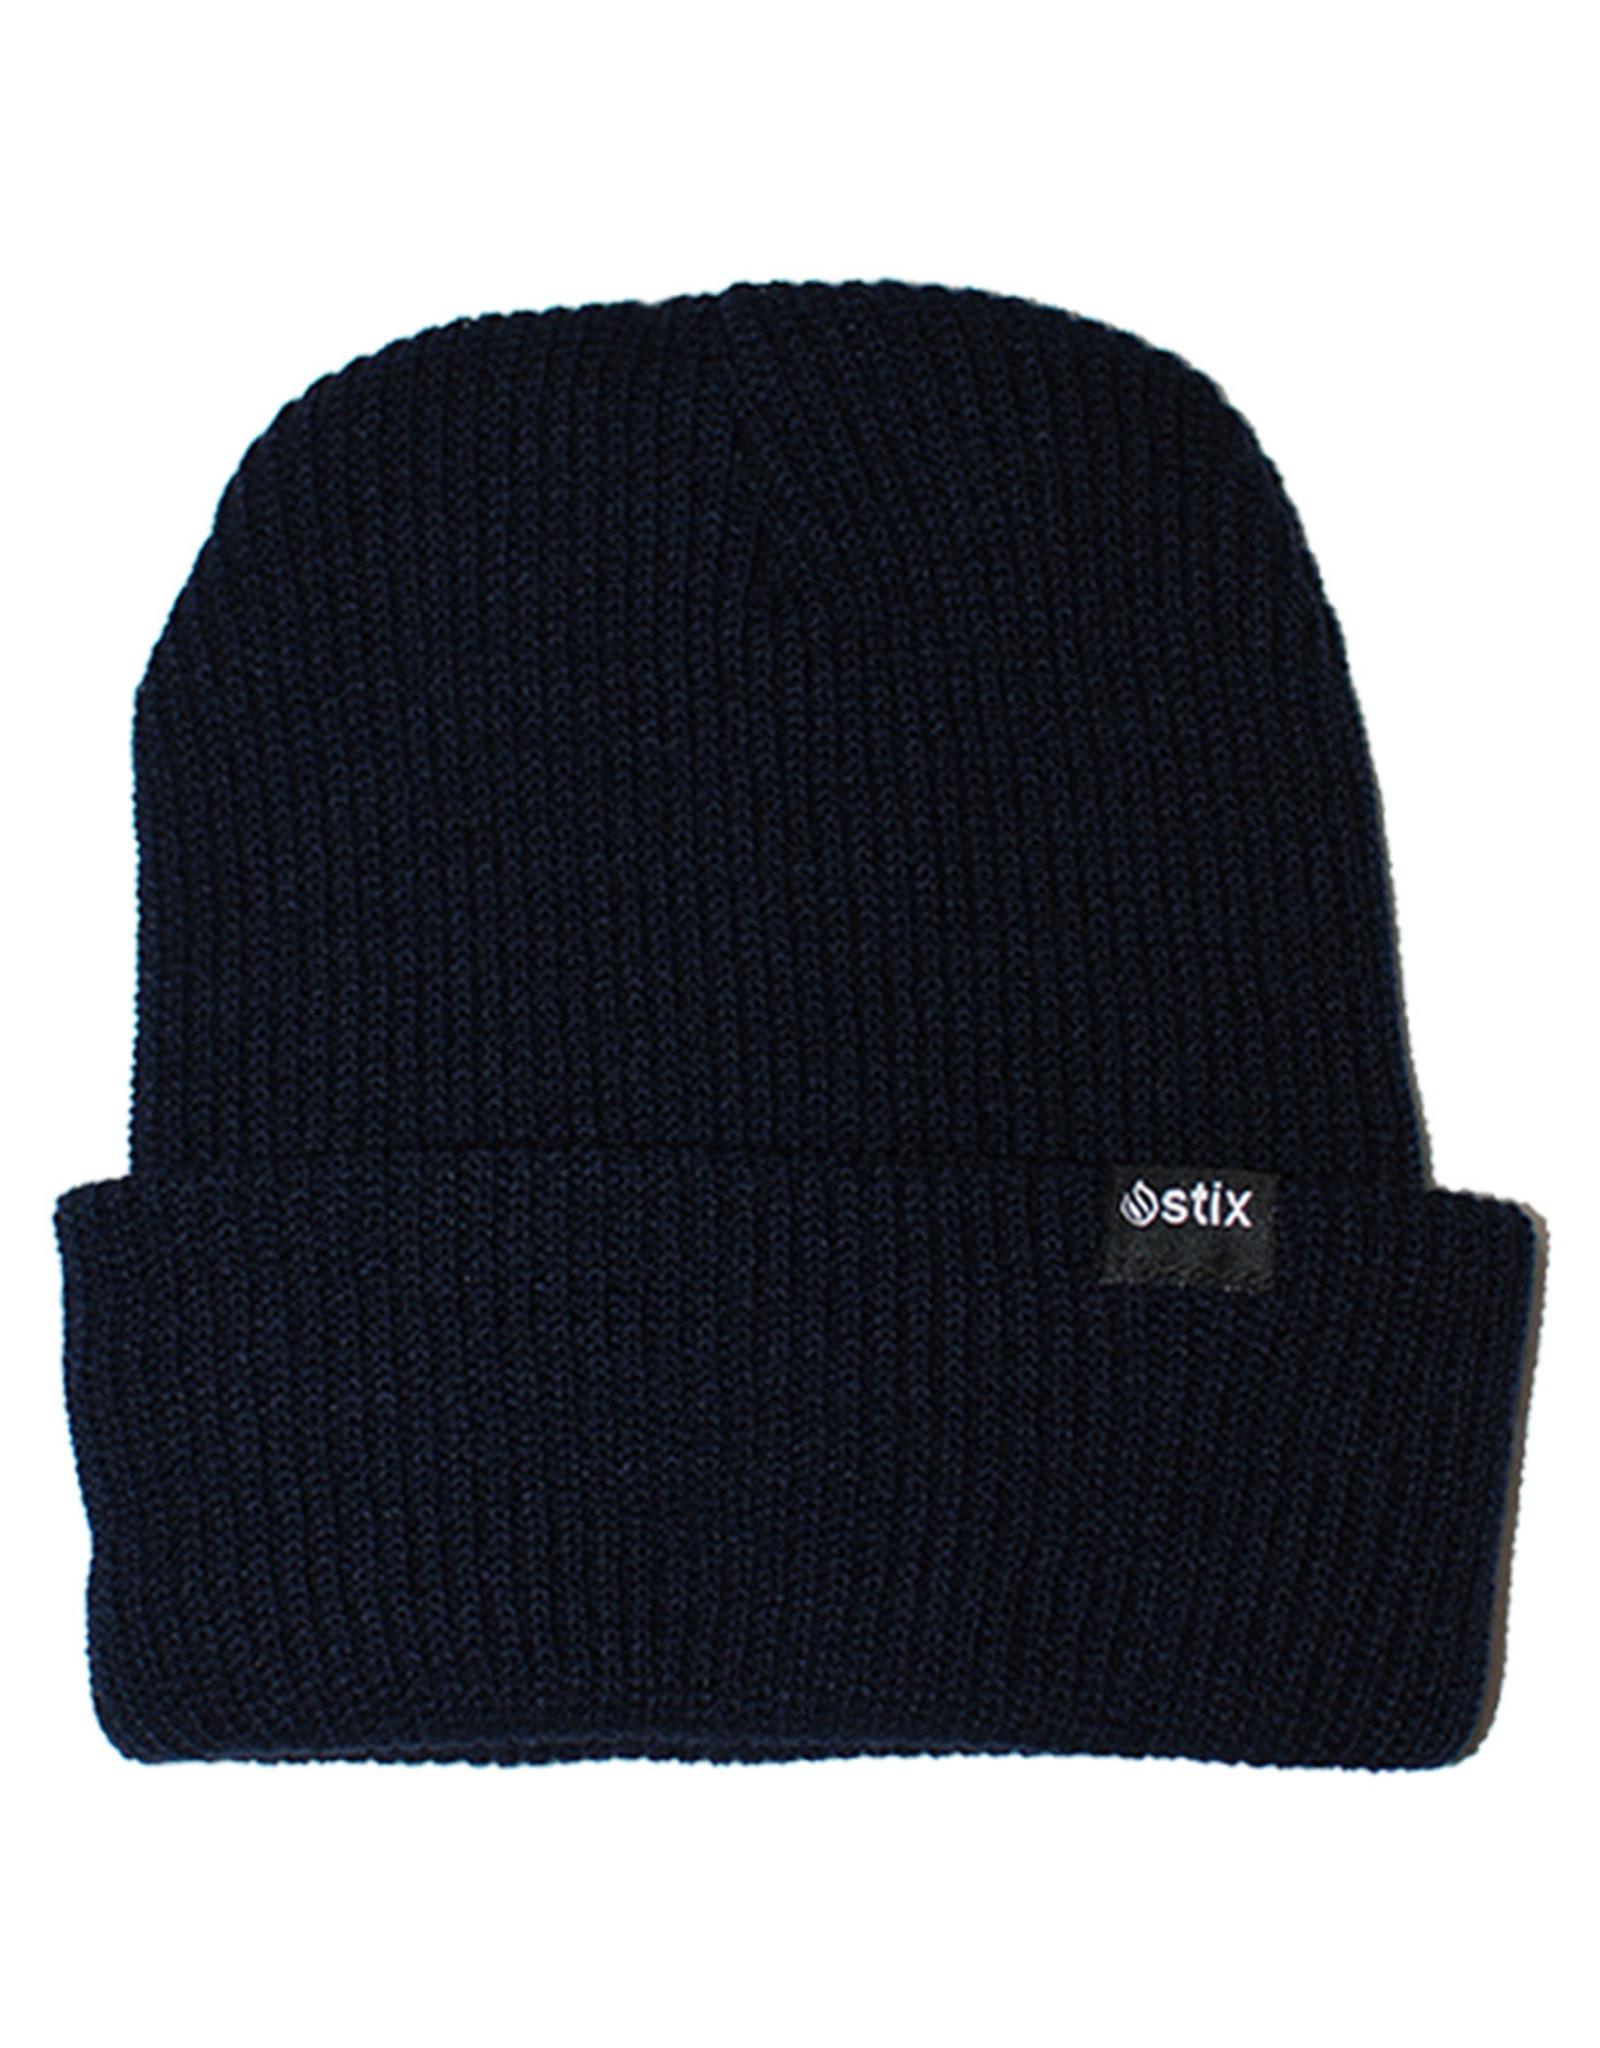 Stix Stix Classic Cuff Beanie (Navy Blue)